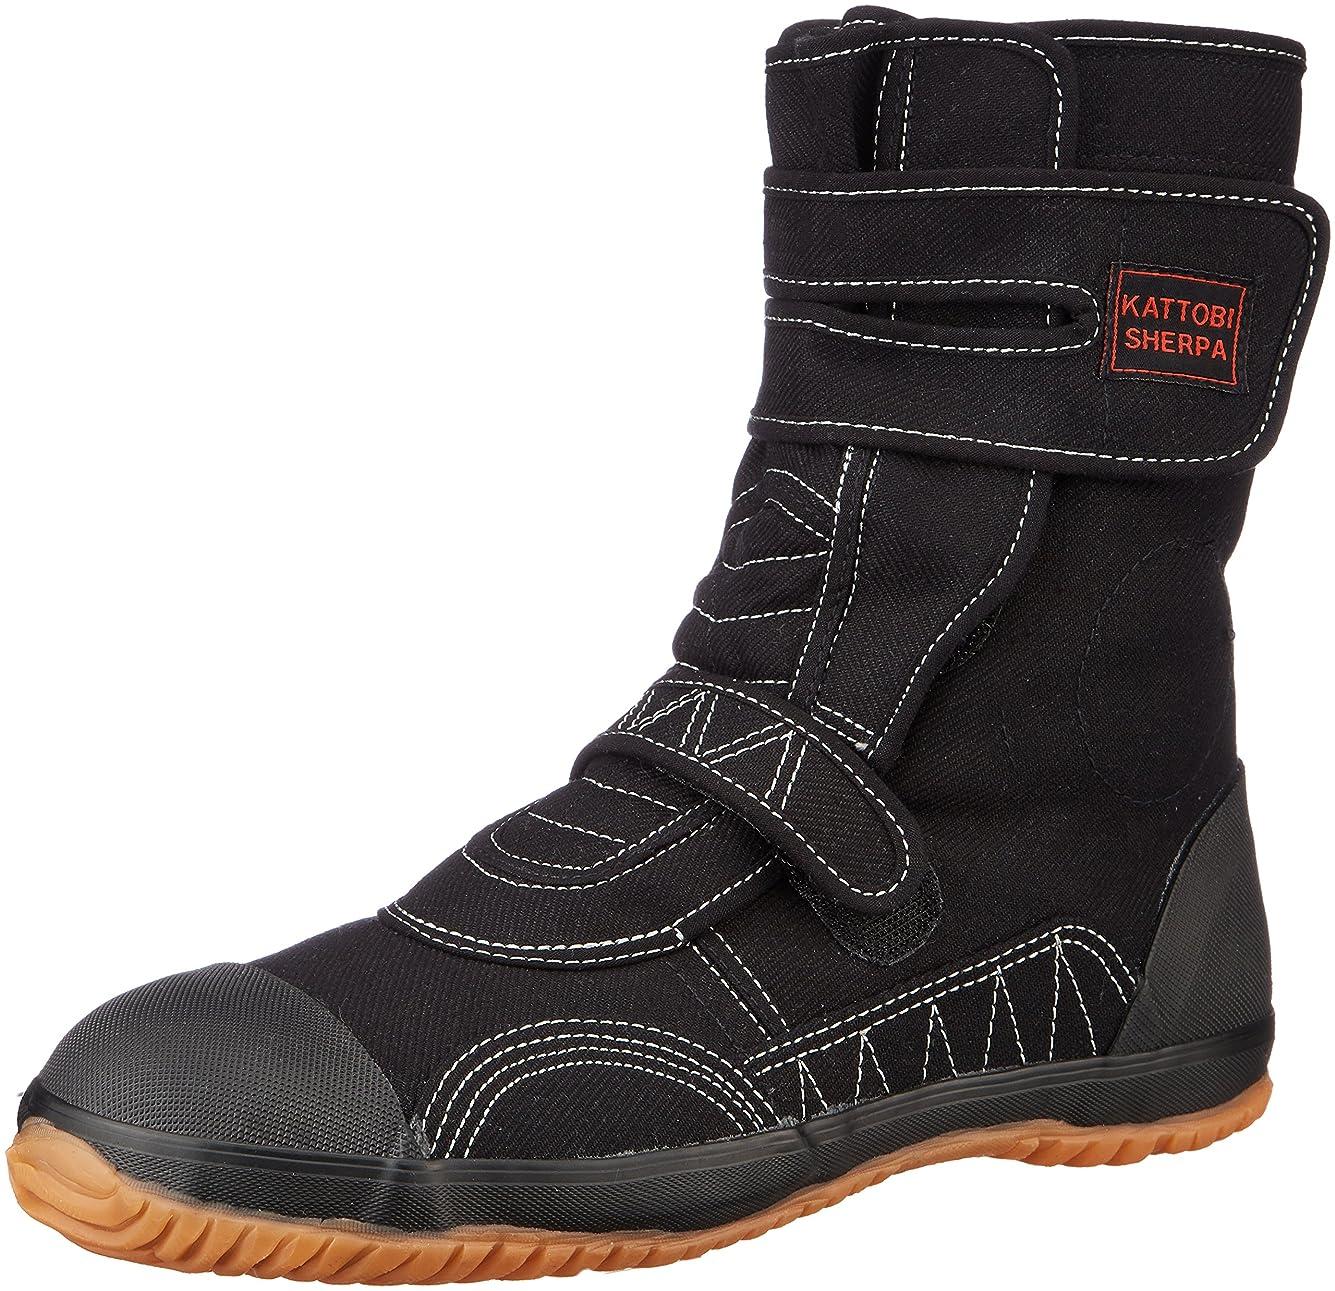 劣る巨人ためらう安全靴 足袋靴 高級綿布生地 高所用 甲ガード付 9950 メンズ